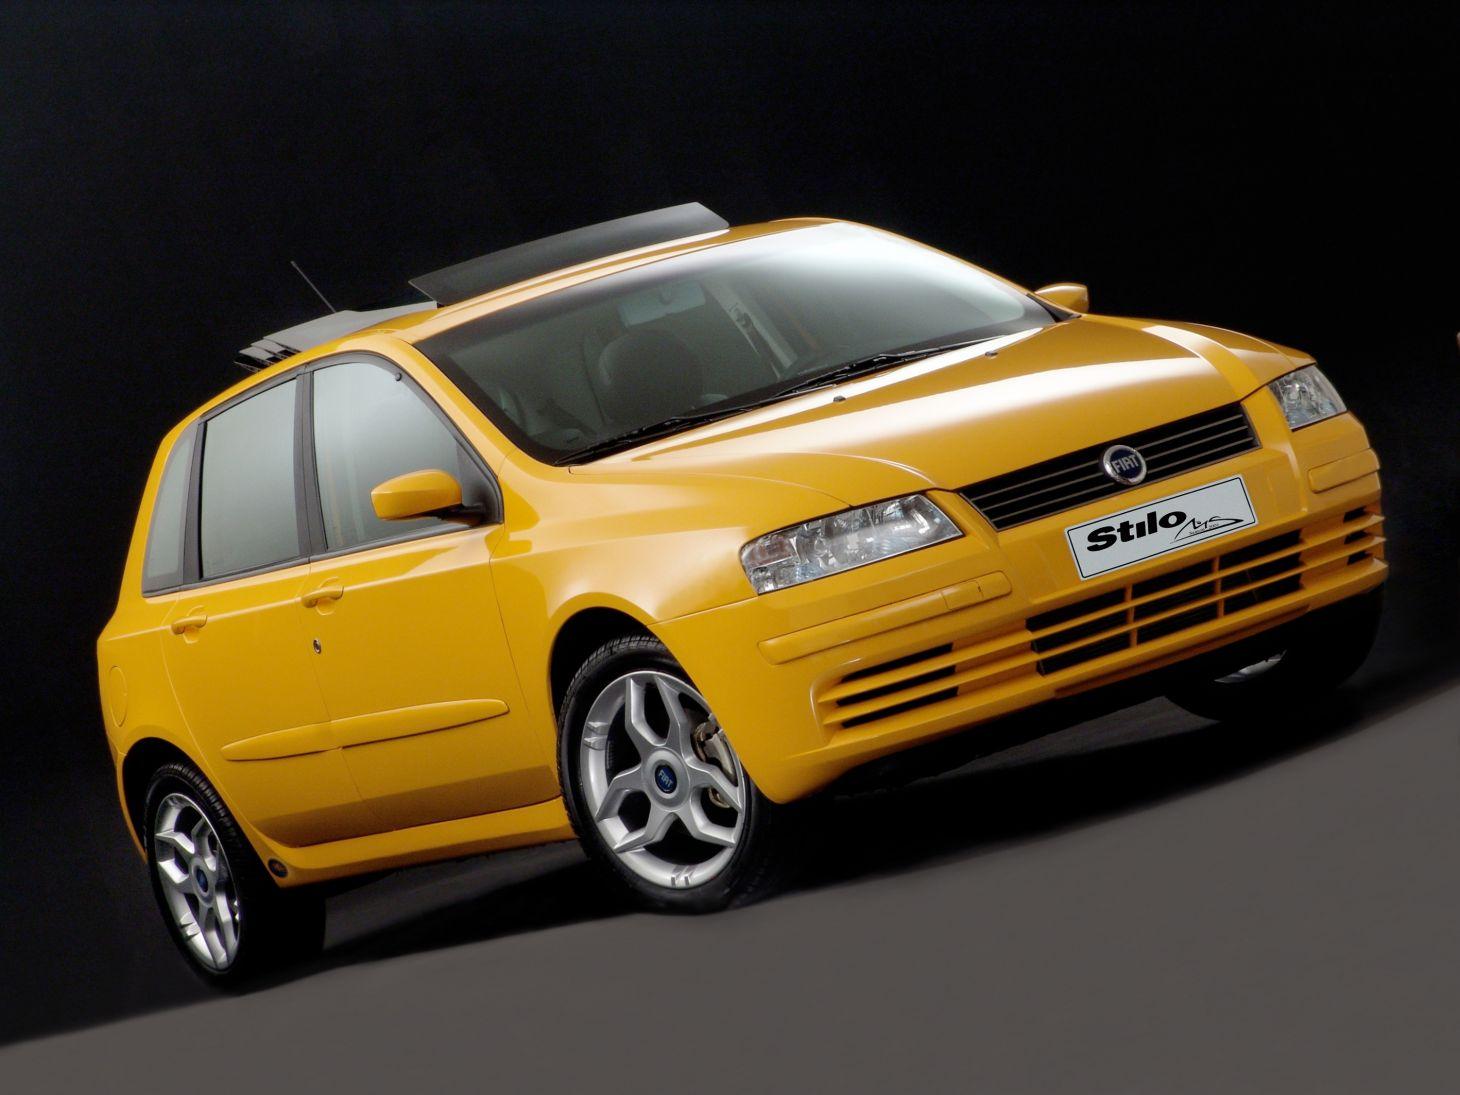 fiat stilo schumacher amarelo indianápolis de frente: três séries especiais desses carros homenagearem o piloto alemão, todas equipadas com teto solar sky window